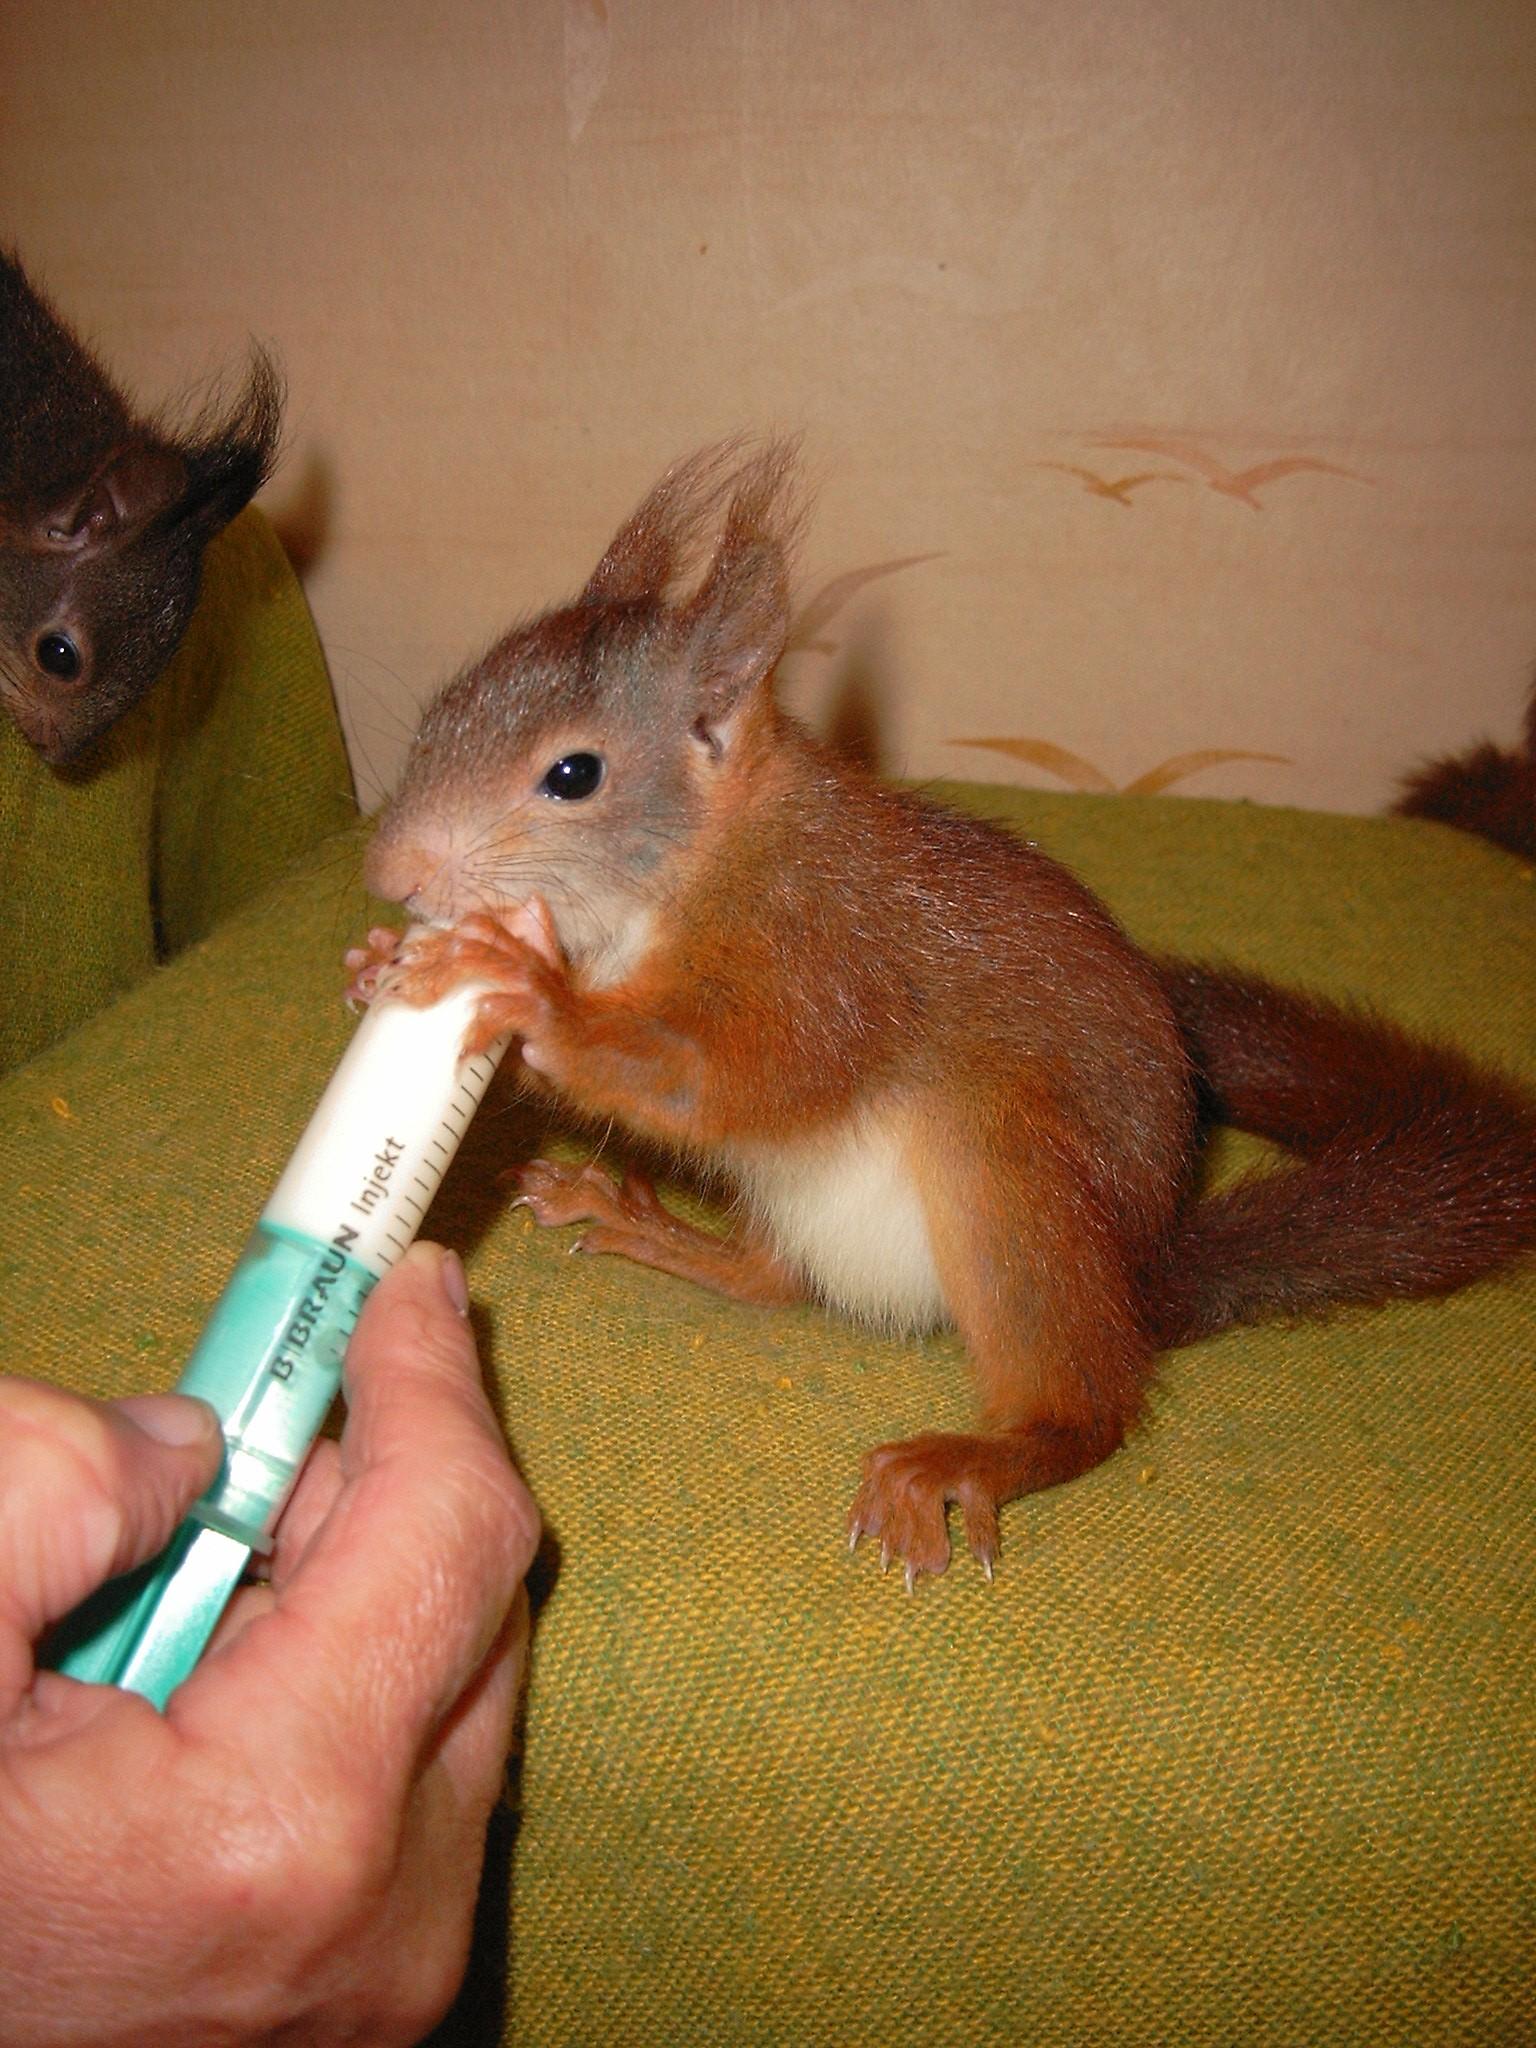 nüsse für eichhörnchen benötigt  nürnberg  meiermagazinde